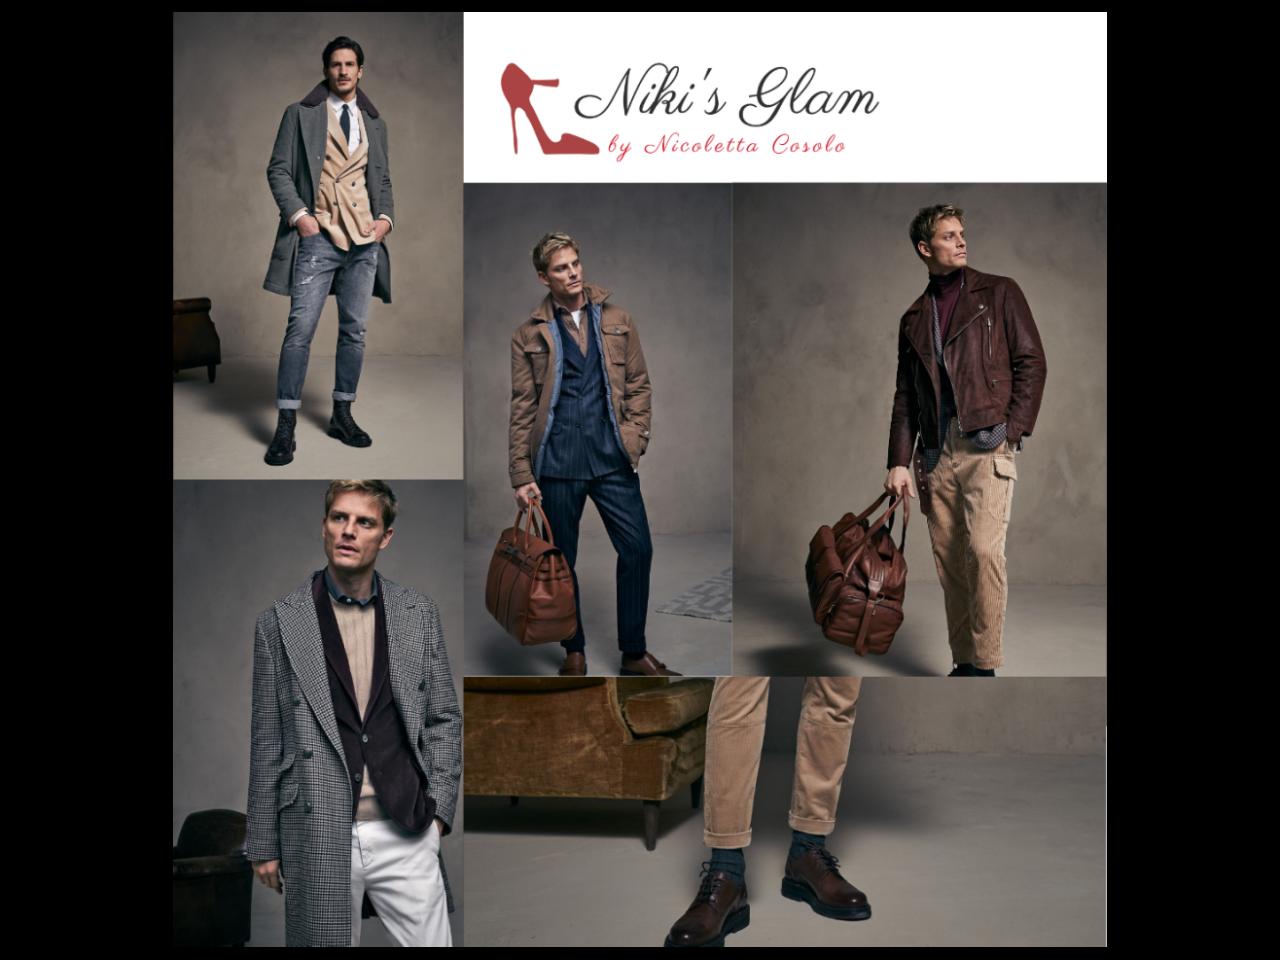 Il fascino dell' uomo classico - Niki's Glam Blog